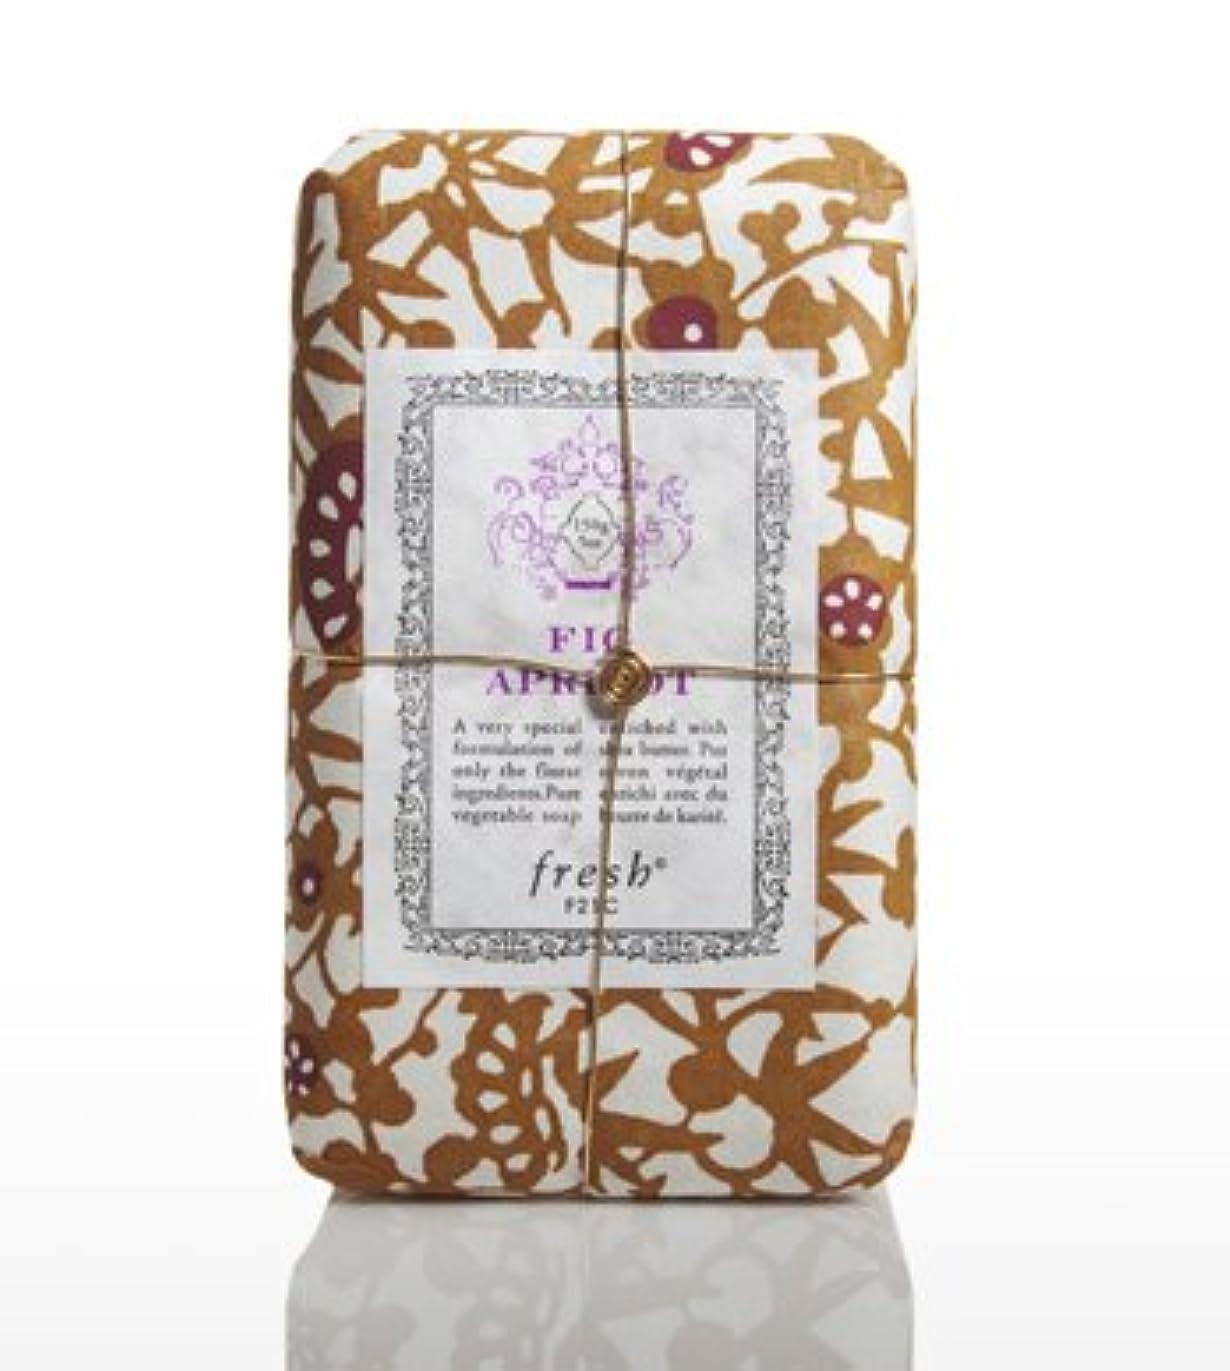 毎月ペック葉を拾うFresh FIG APRICOT SOAP(フレッシュ フィグアプリコット ソープ) 5.0 oz (150gl) 石鹸 by Fresh